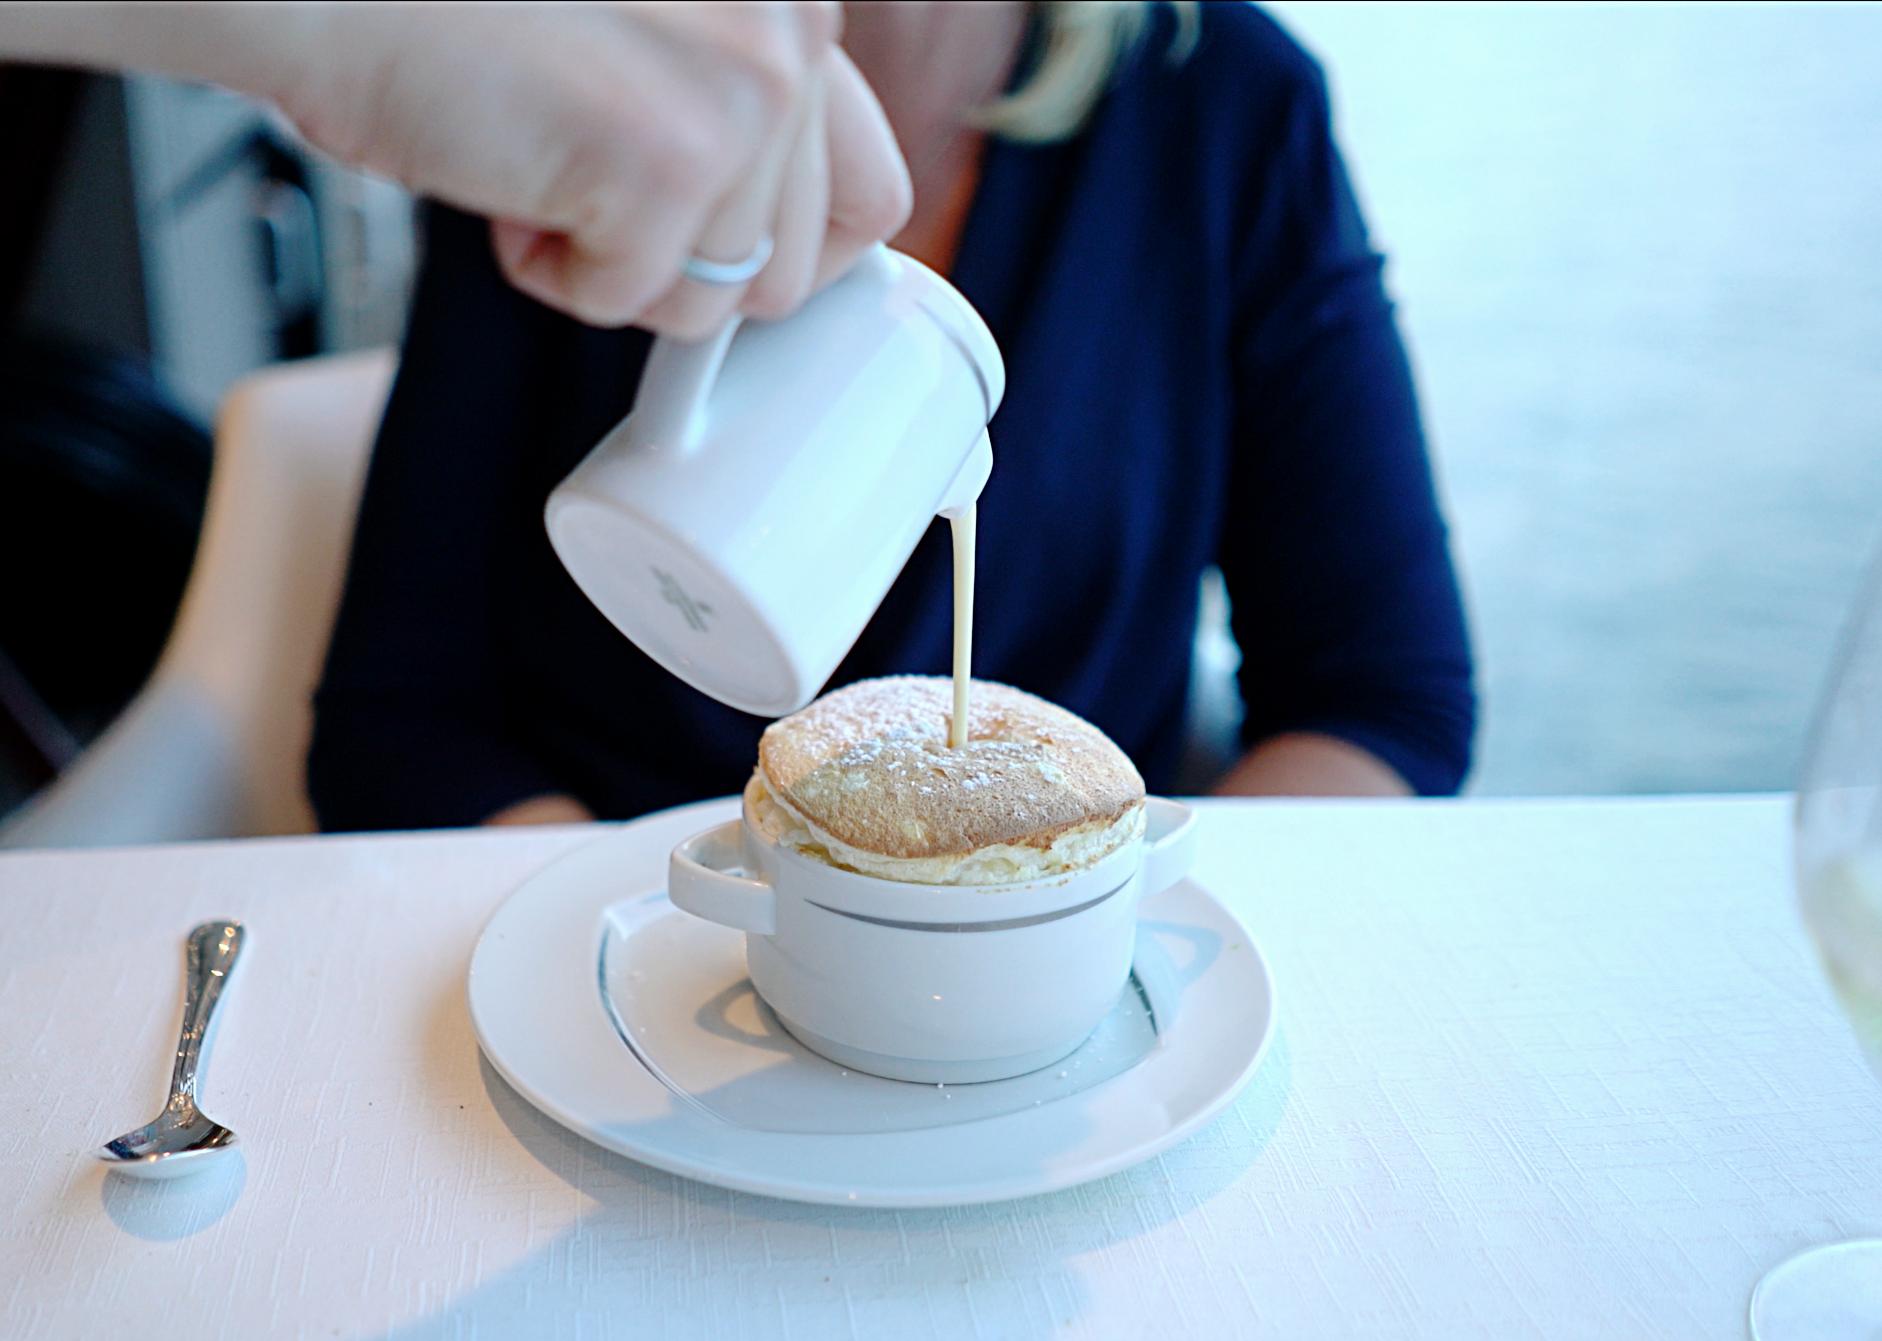 No words to describe this limoncello soufflé.